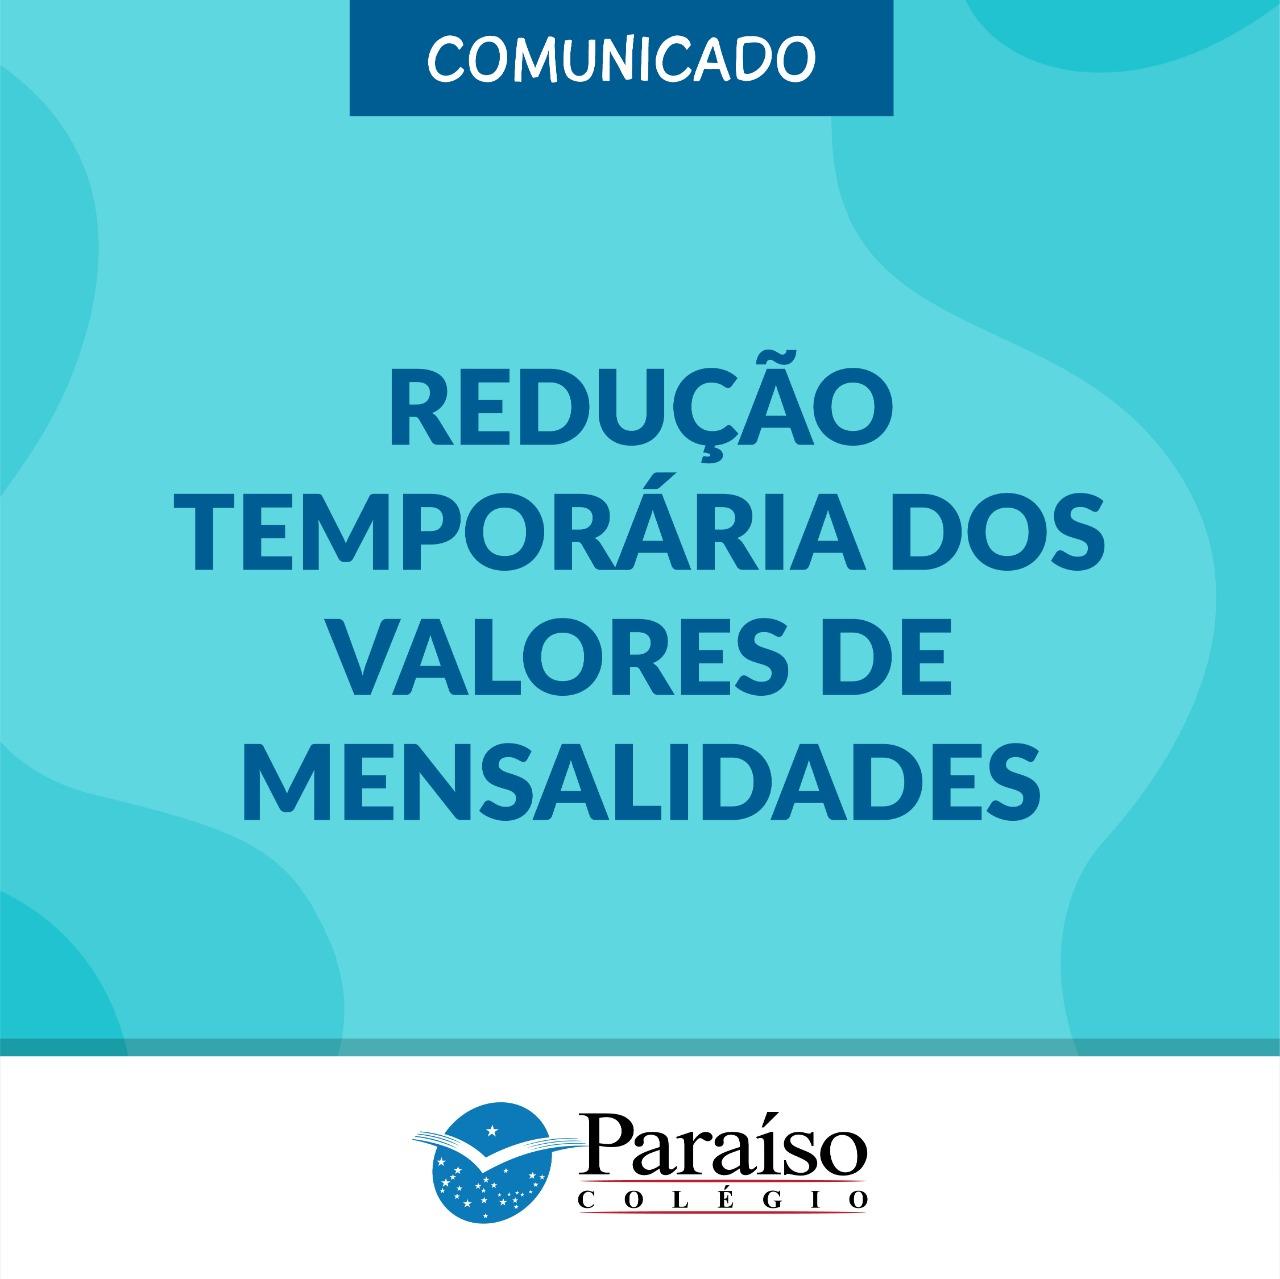 Comunicado - Redução Temporária dos Valores de Mensalidades